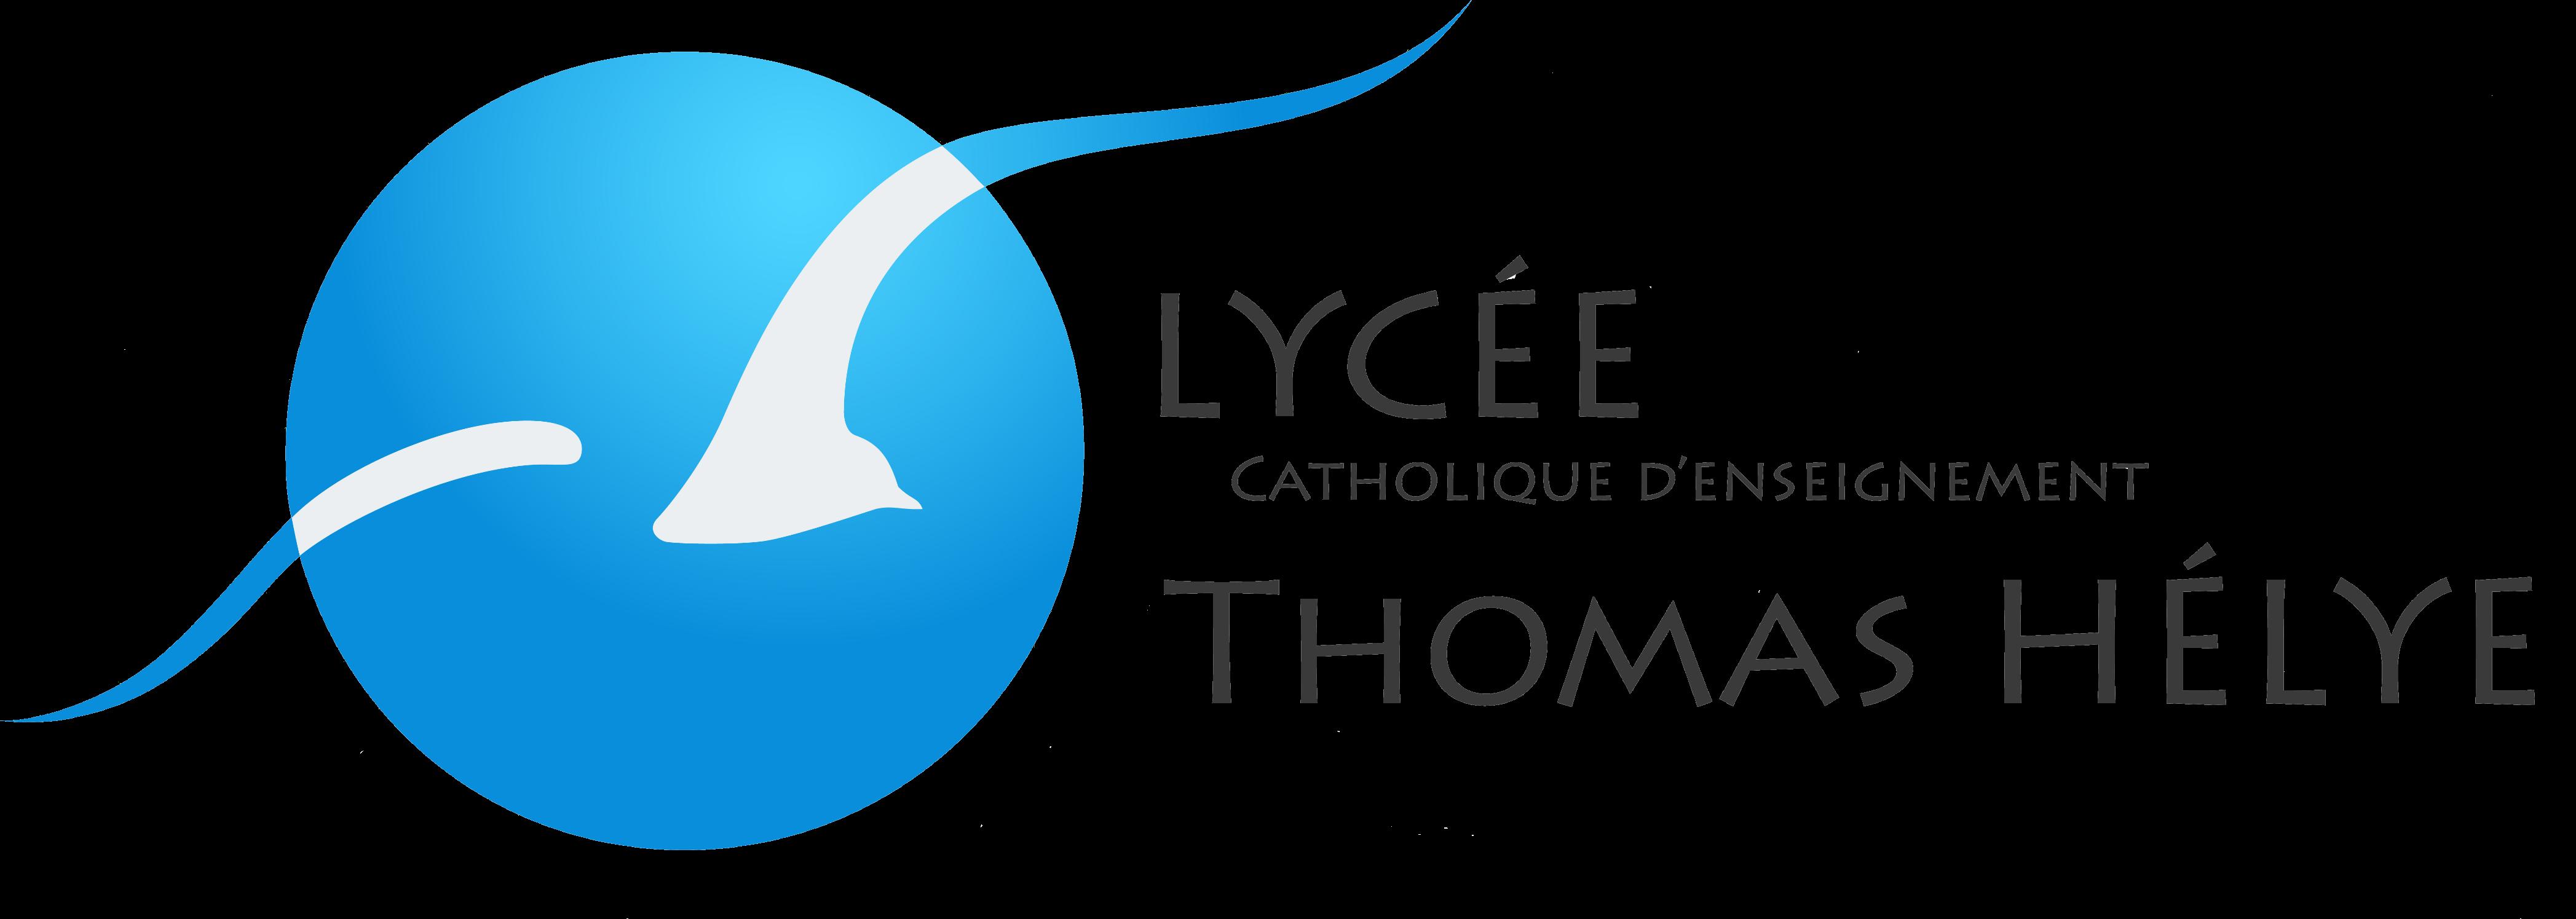 Lycée Thomas Helye